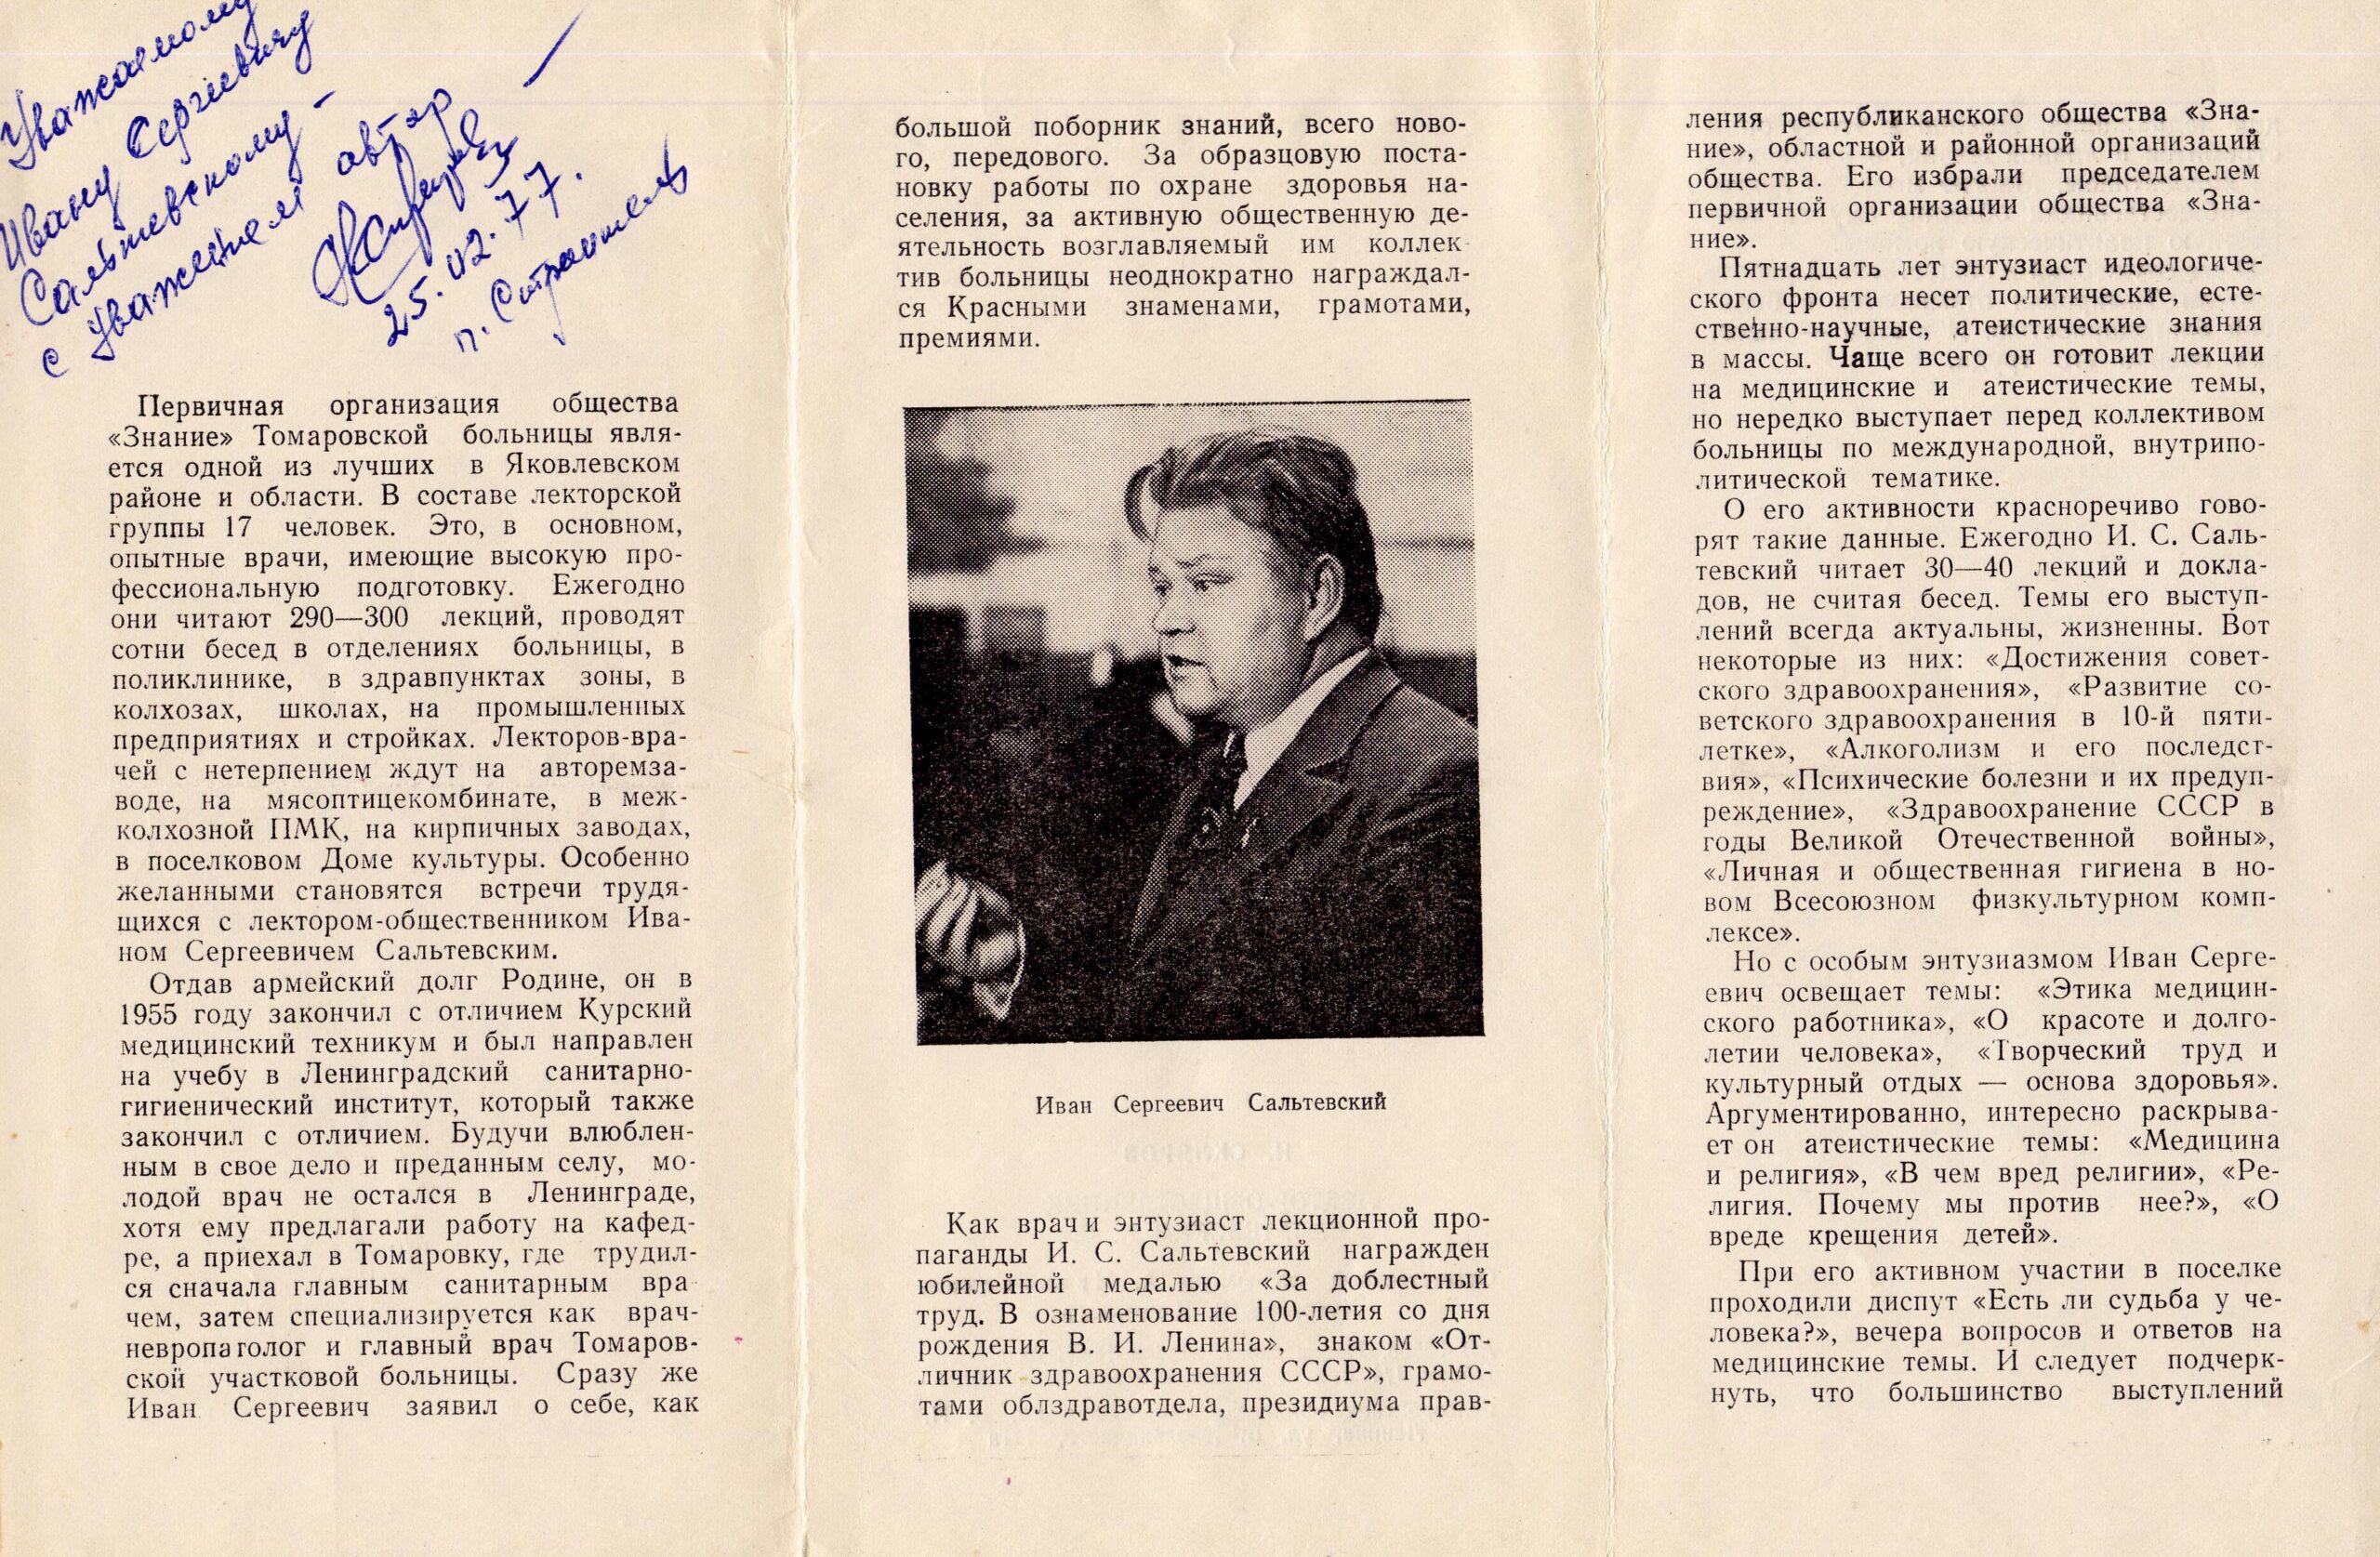 сальтевский 09